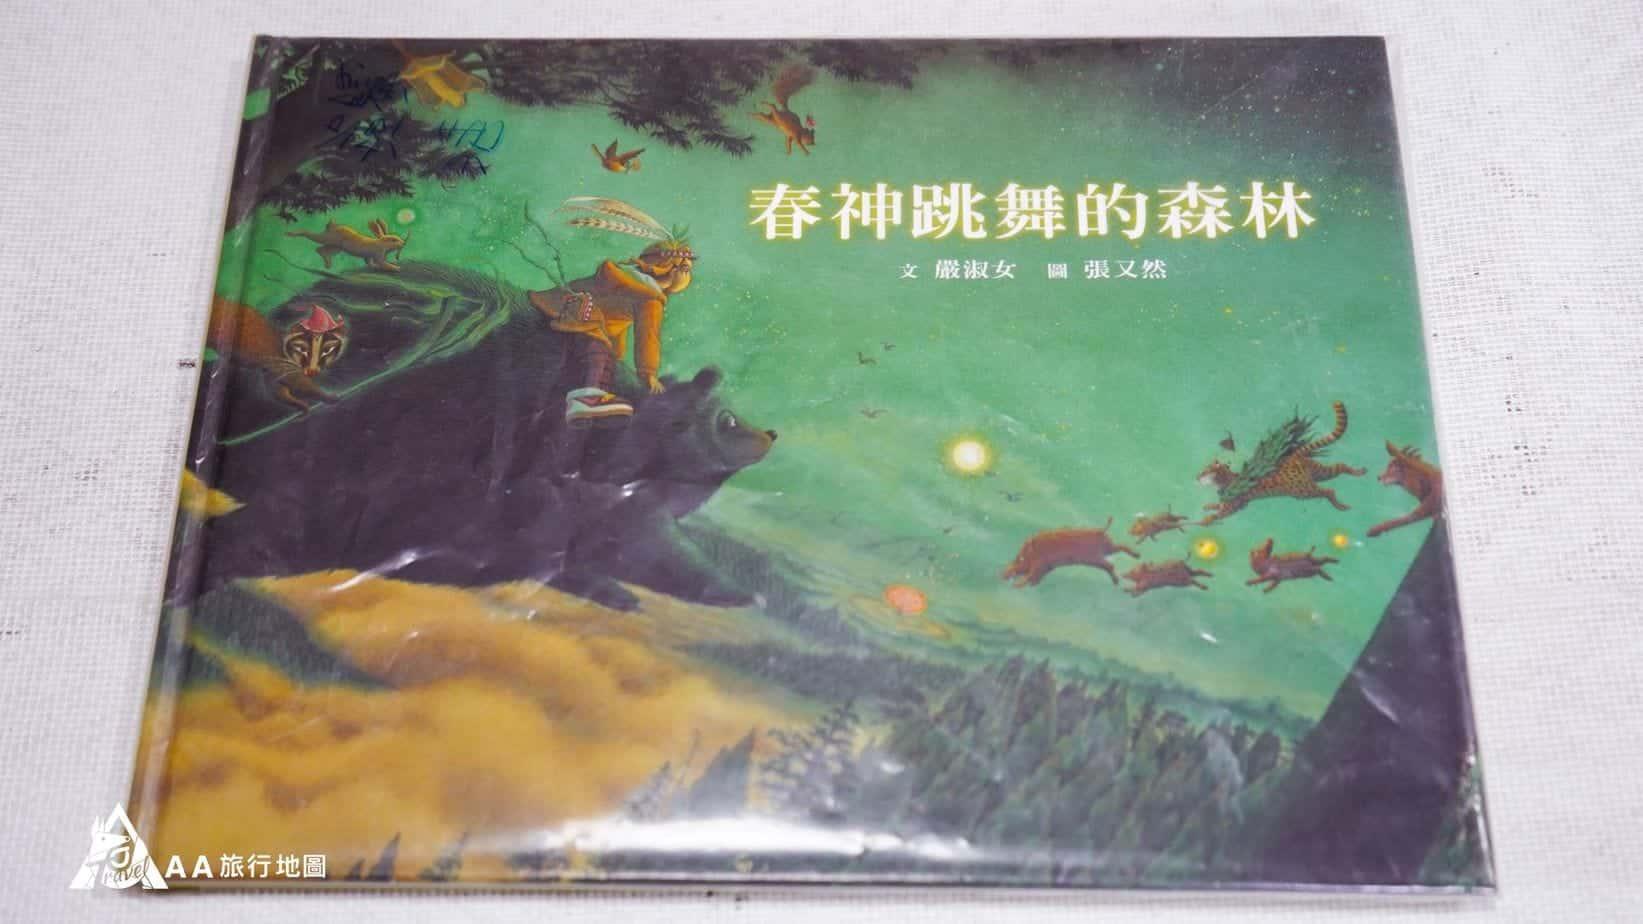 森林走走吧 春神跳舞的森林是一本在講阿里山的故事書